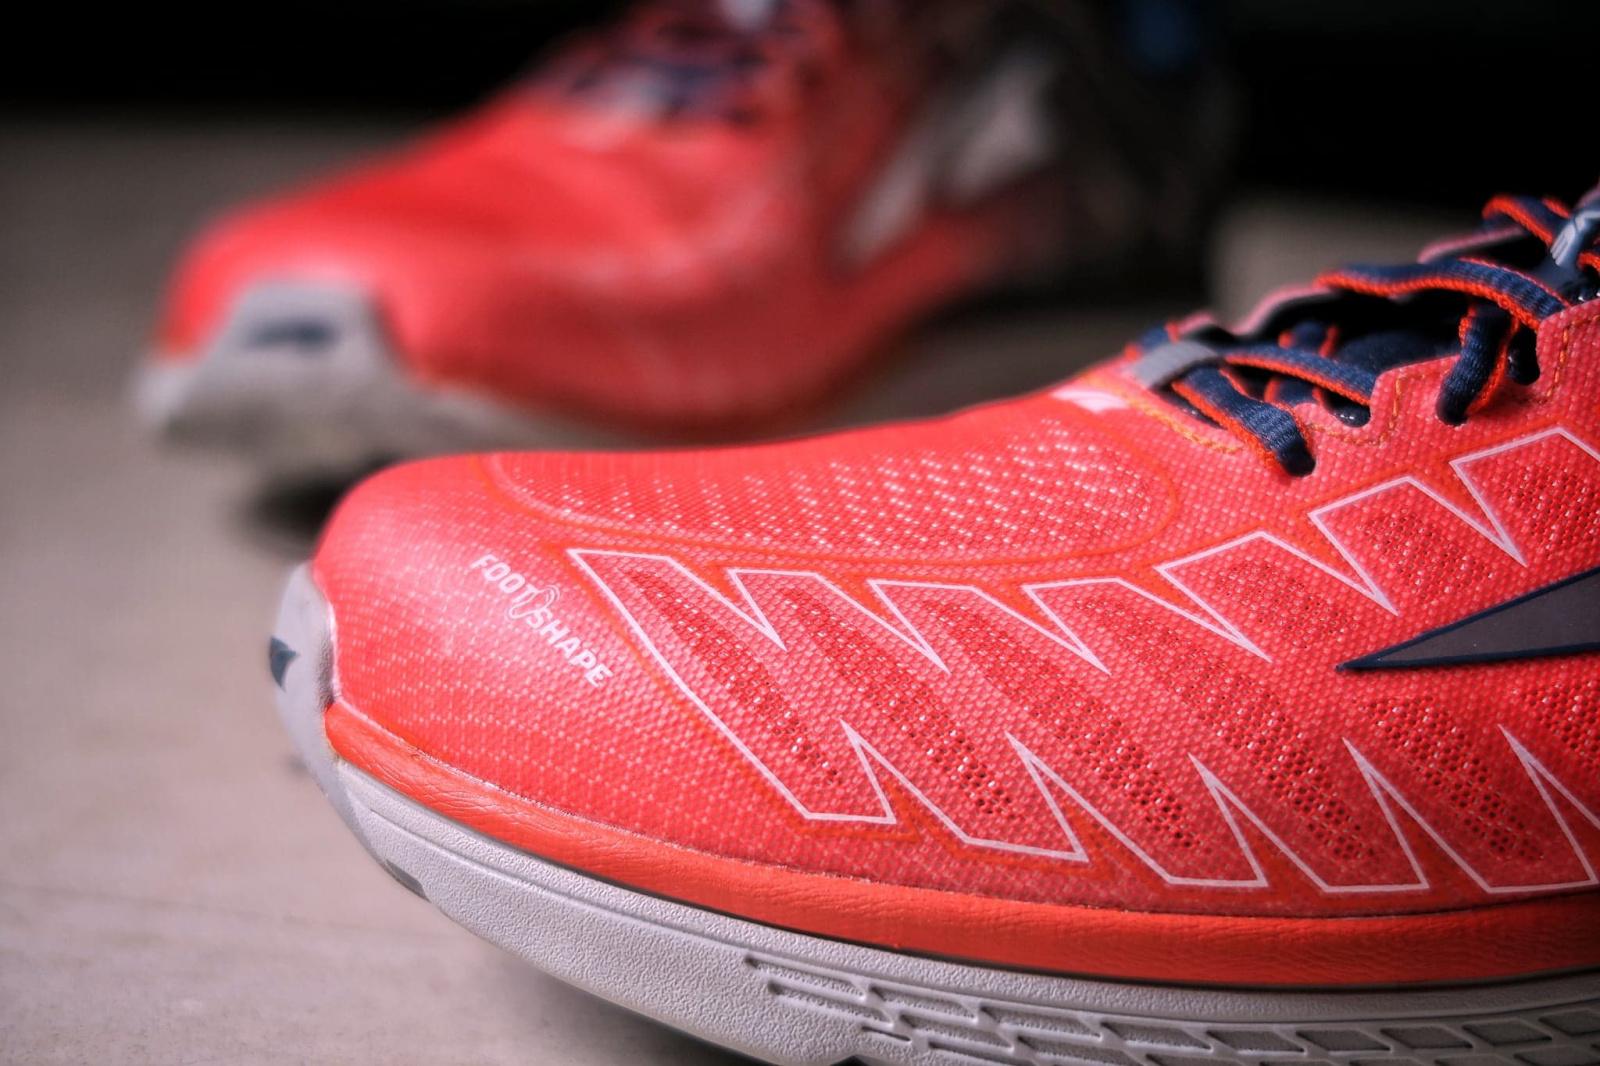 La footbox spécifique Altra